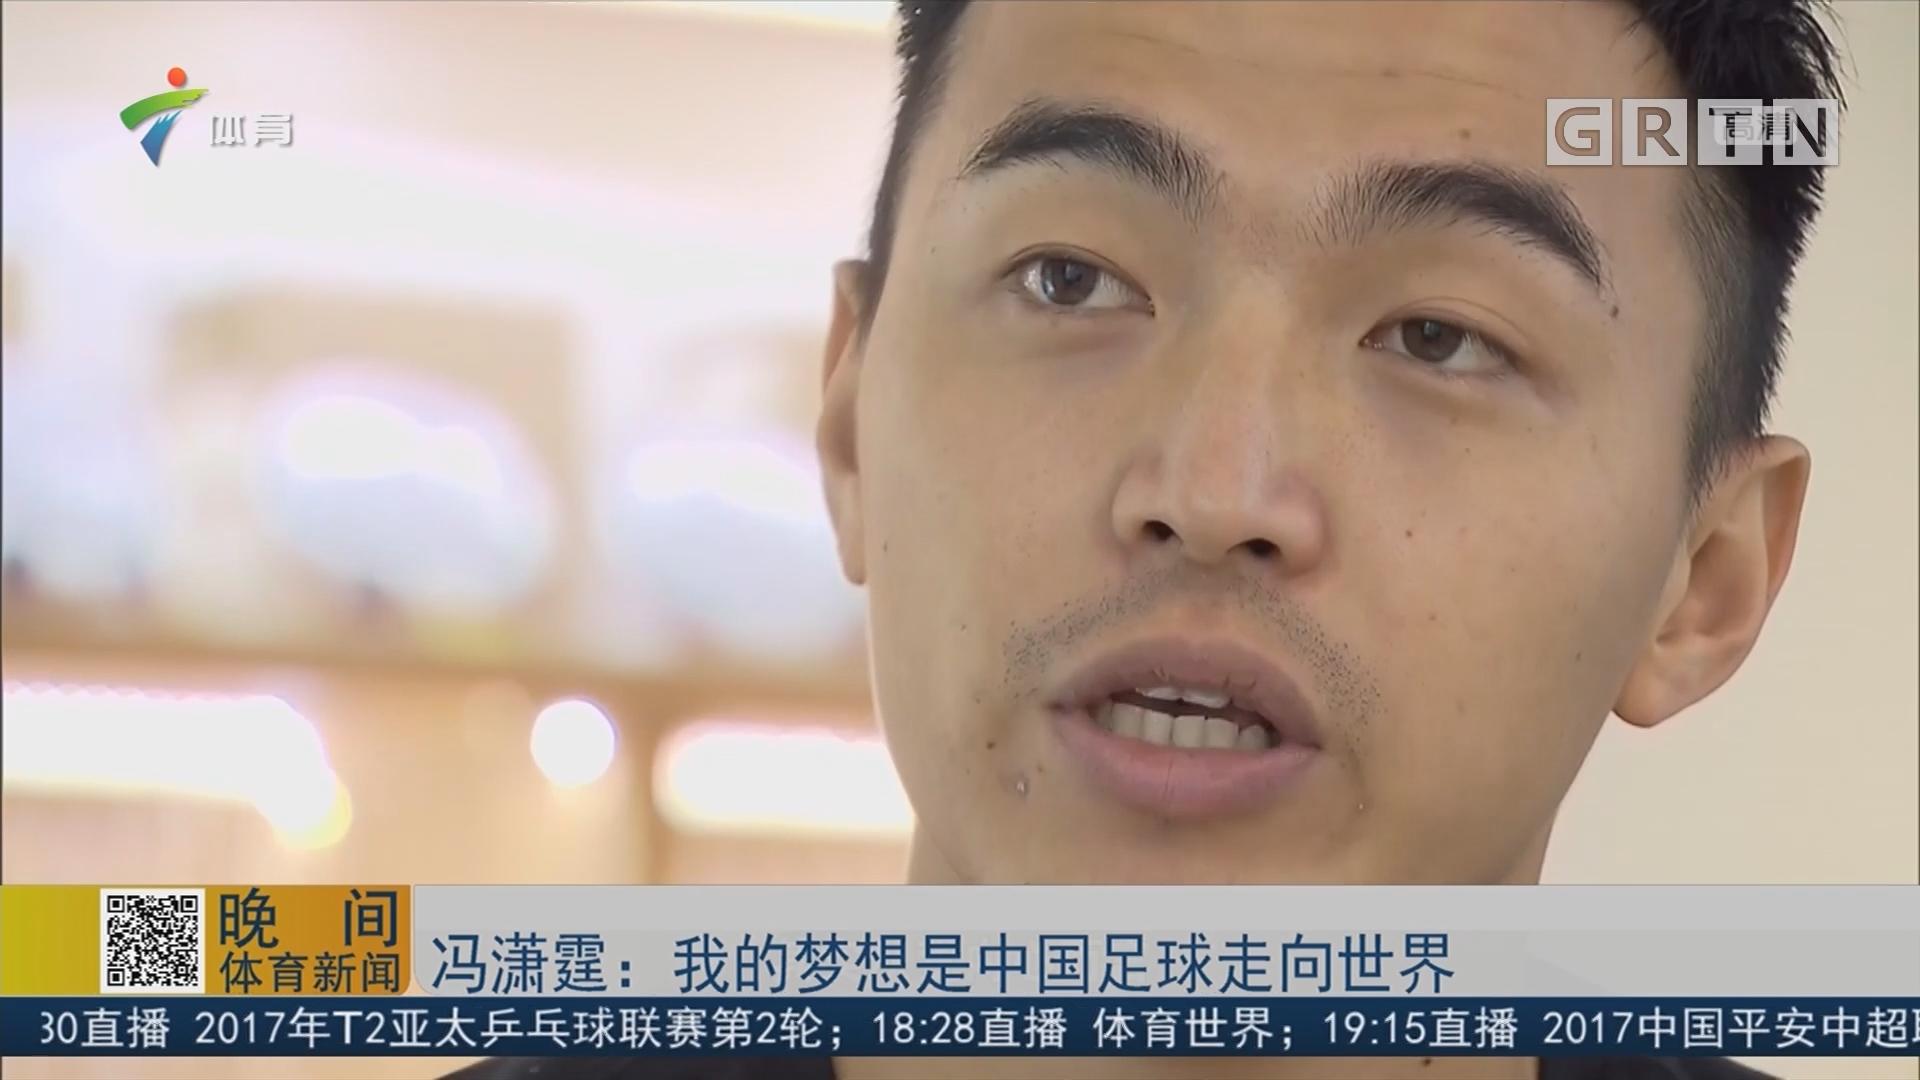 冯潇霆:我的梦想是中国足球走向世界